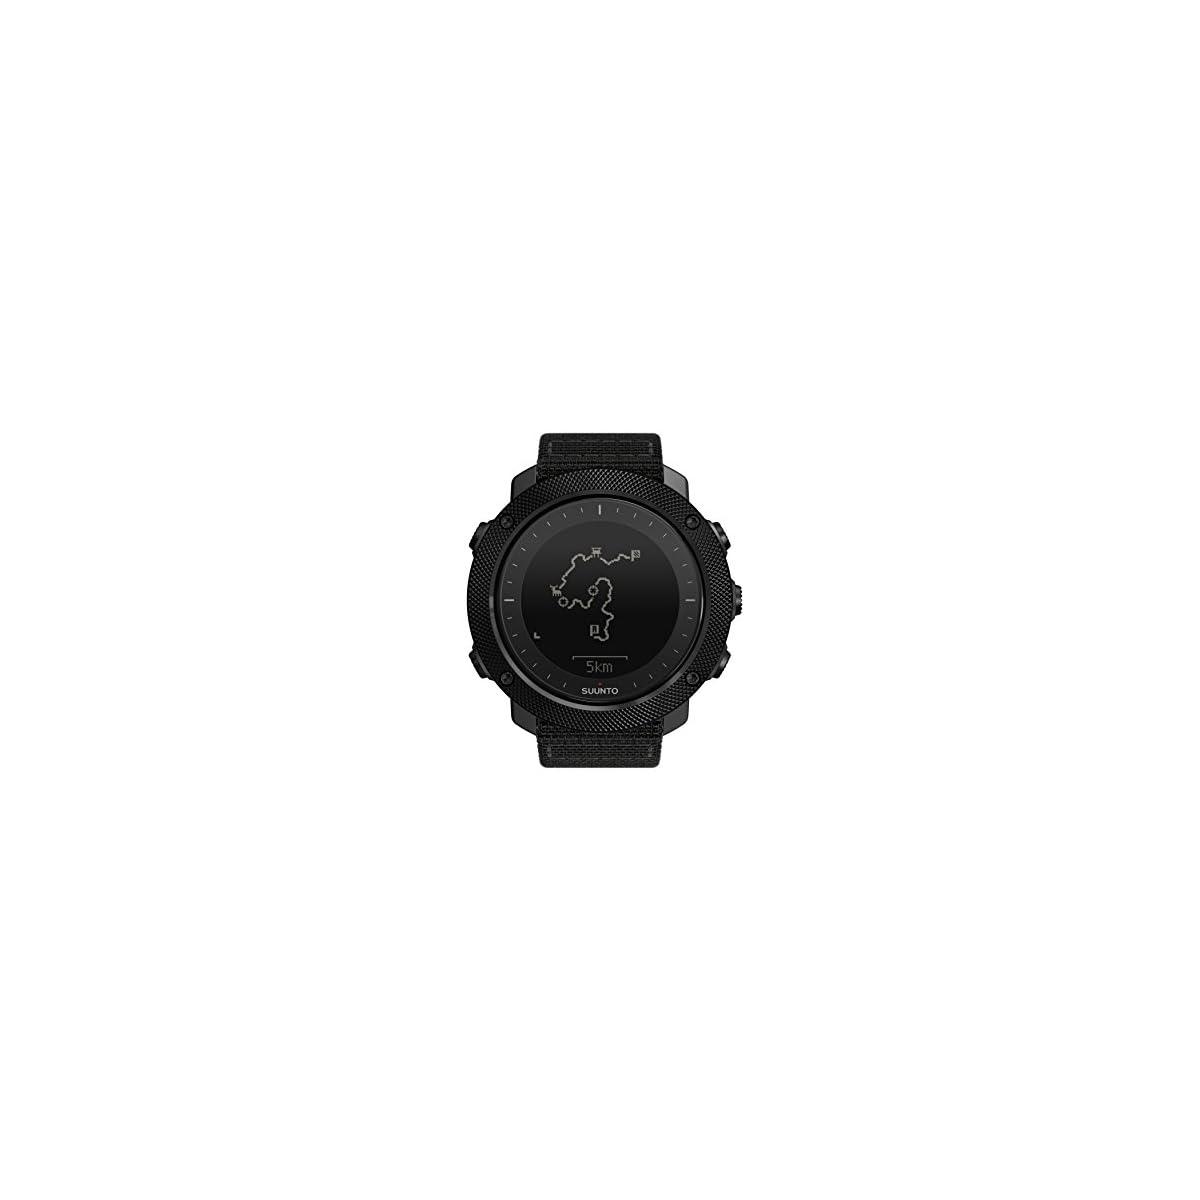 41cDq4YmiZL. SS1200  - Suunto - Traverse Alpha - Reloj GPS Outdoor para pesca, caza y excursionismo - Sumergible - Negro Stealth - Talla única